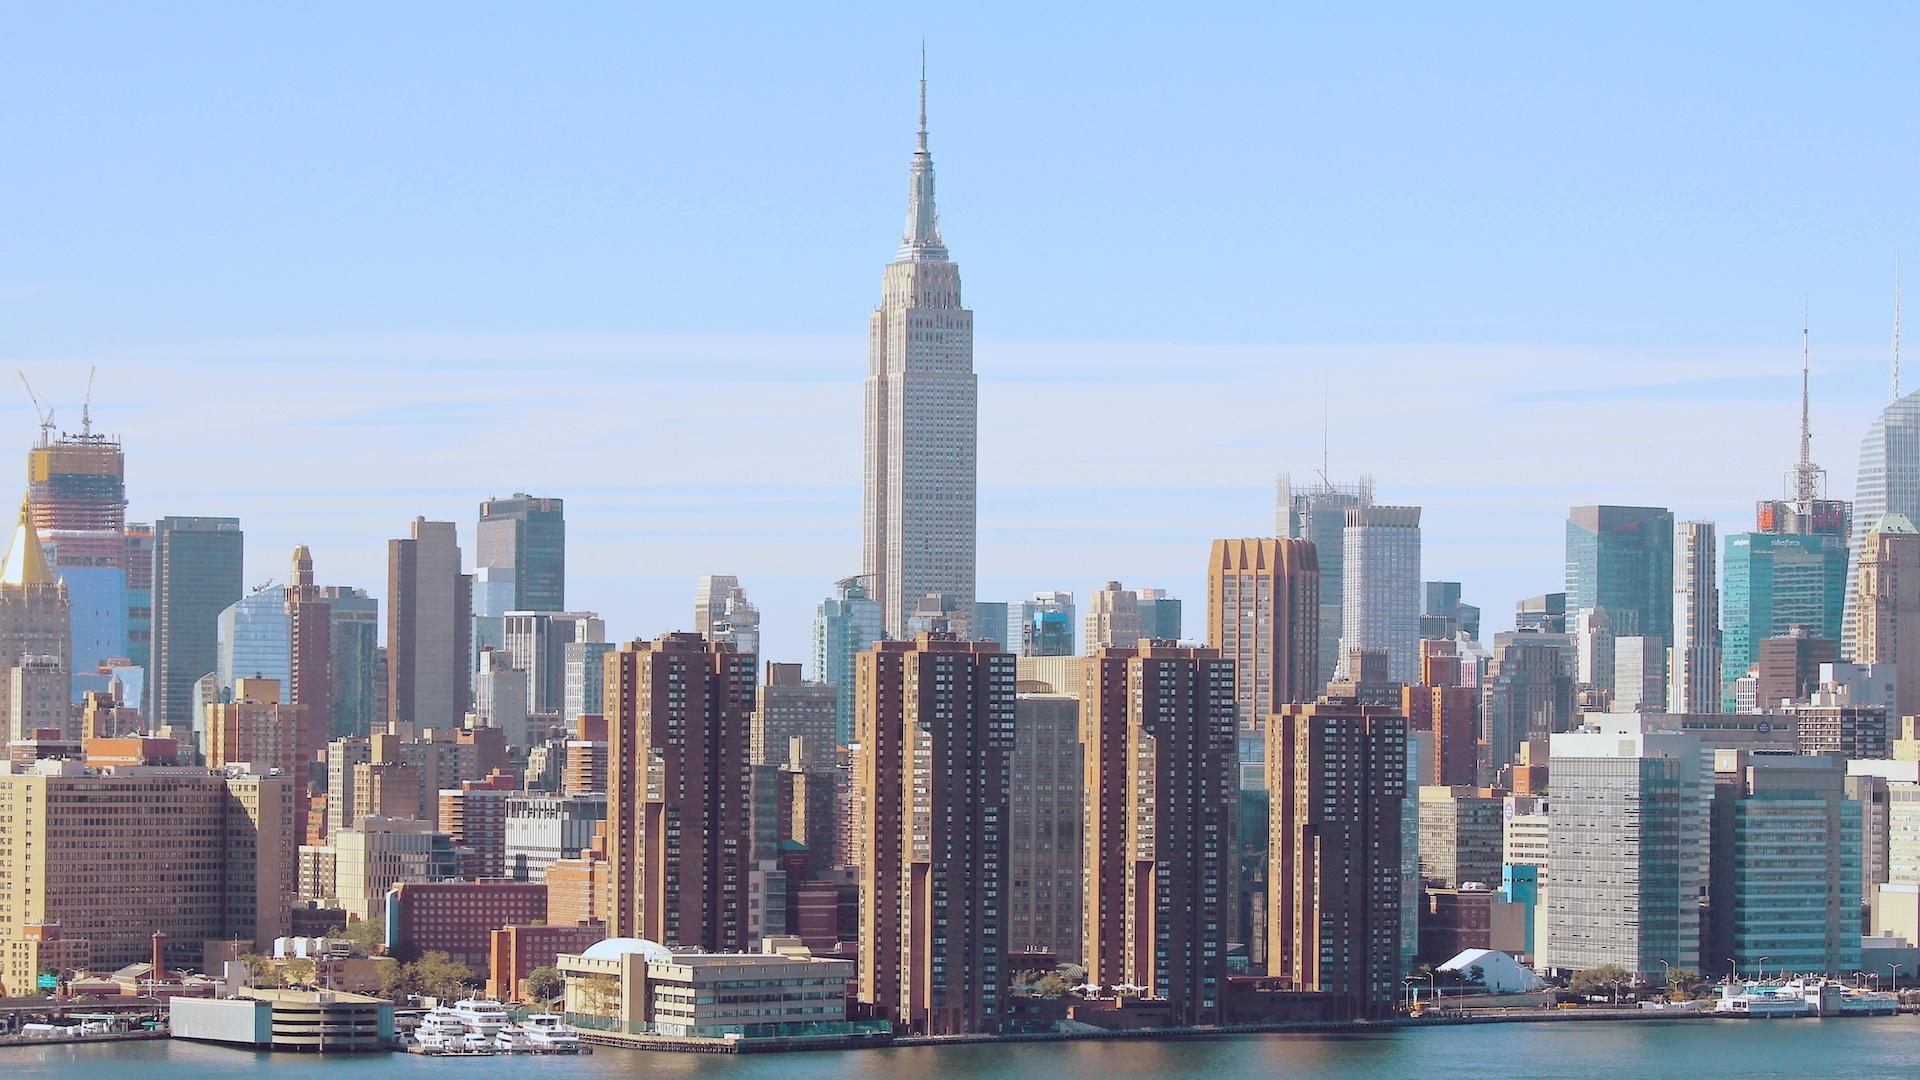 Estas son las 10 ciudades más visitadas en Estados Unidos, Canadá y México